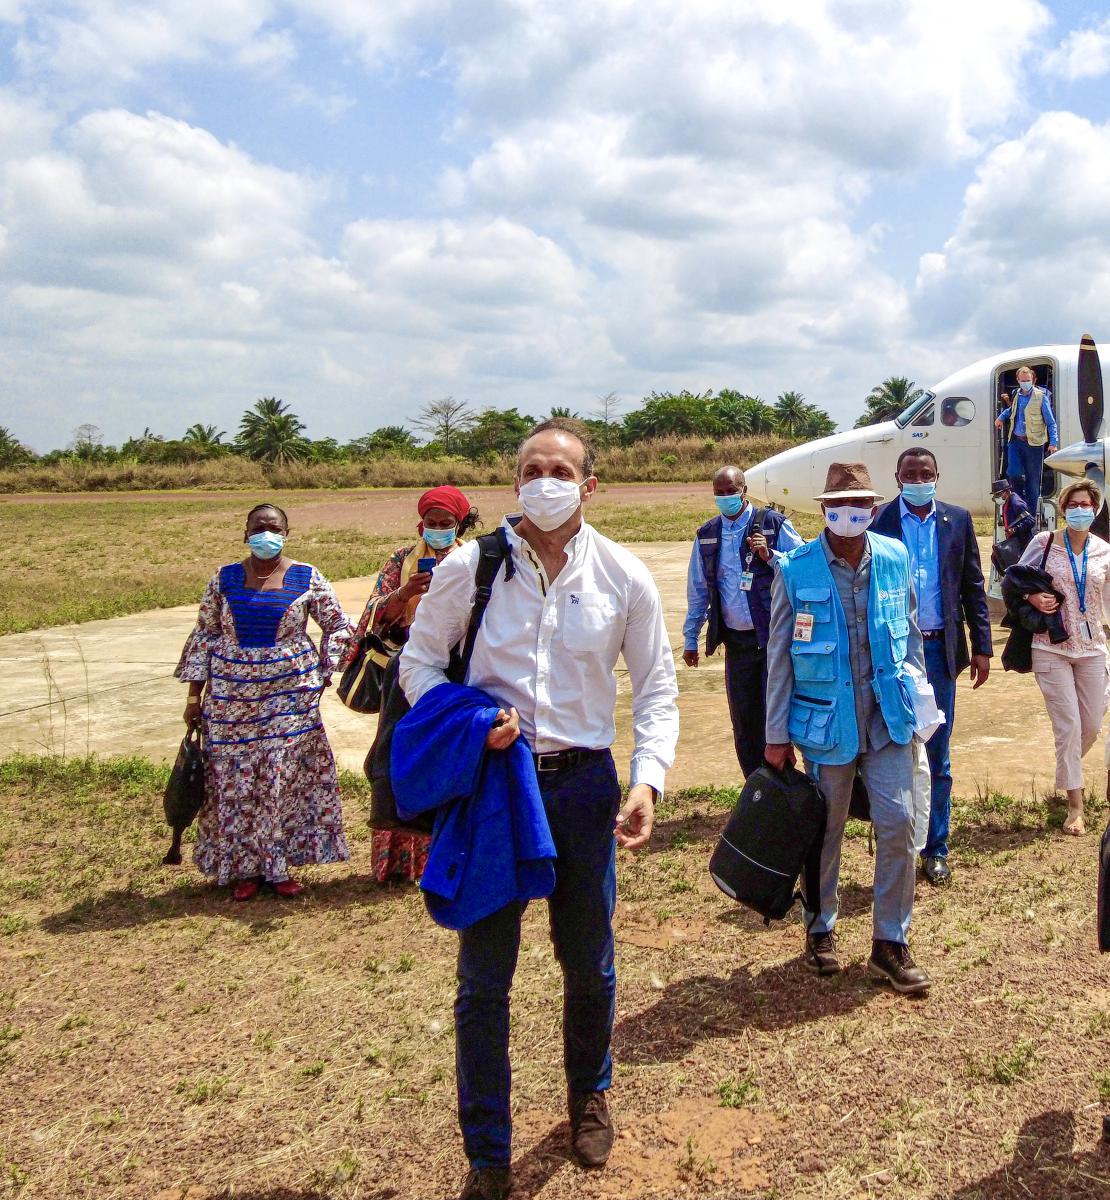 ينزل أشخاص عدة يرتدون أقنعة الوجه ويحملون أكياسًا وسترات إلى حقل في يوم مشمس.